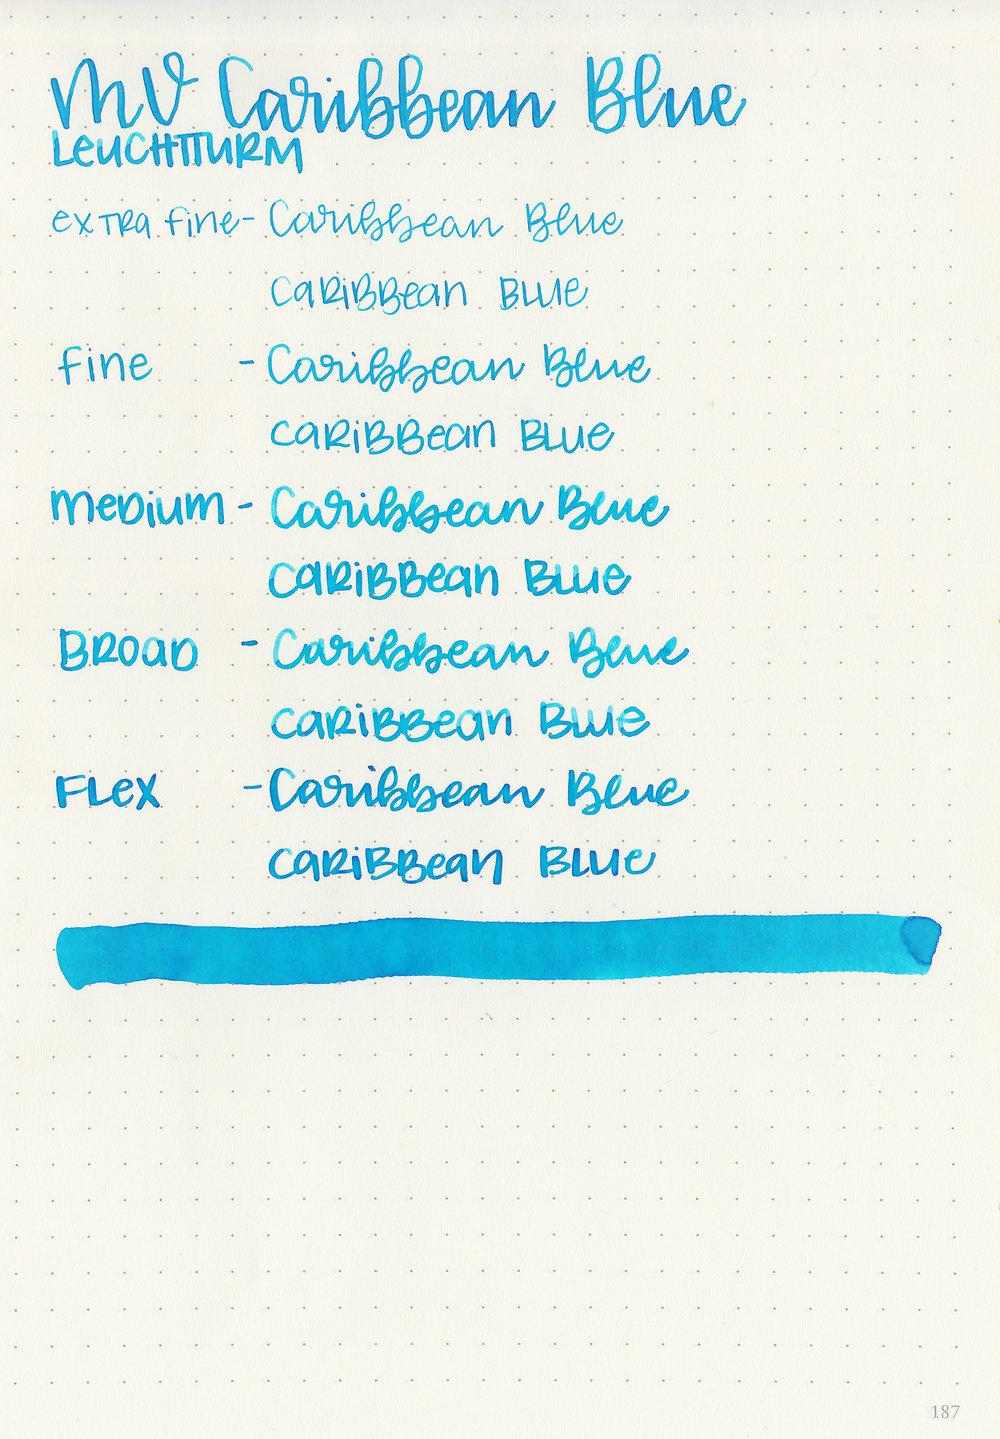 mv-caribbean-blue-9.jpg